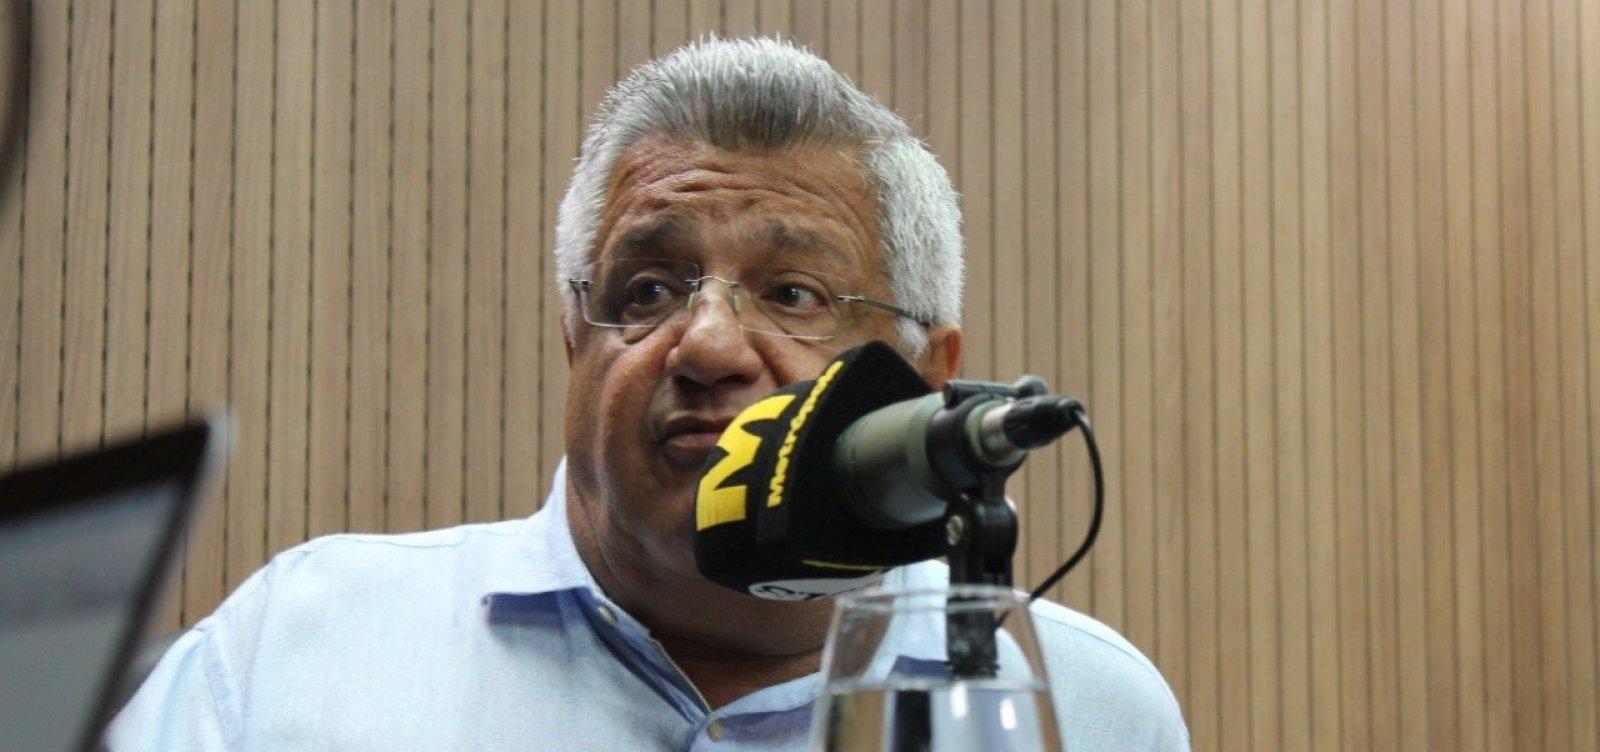 ['Acho que Lula foi muito personalista' ao escolher Haddad candidato, diz Bacelar]